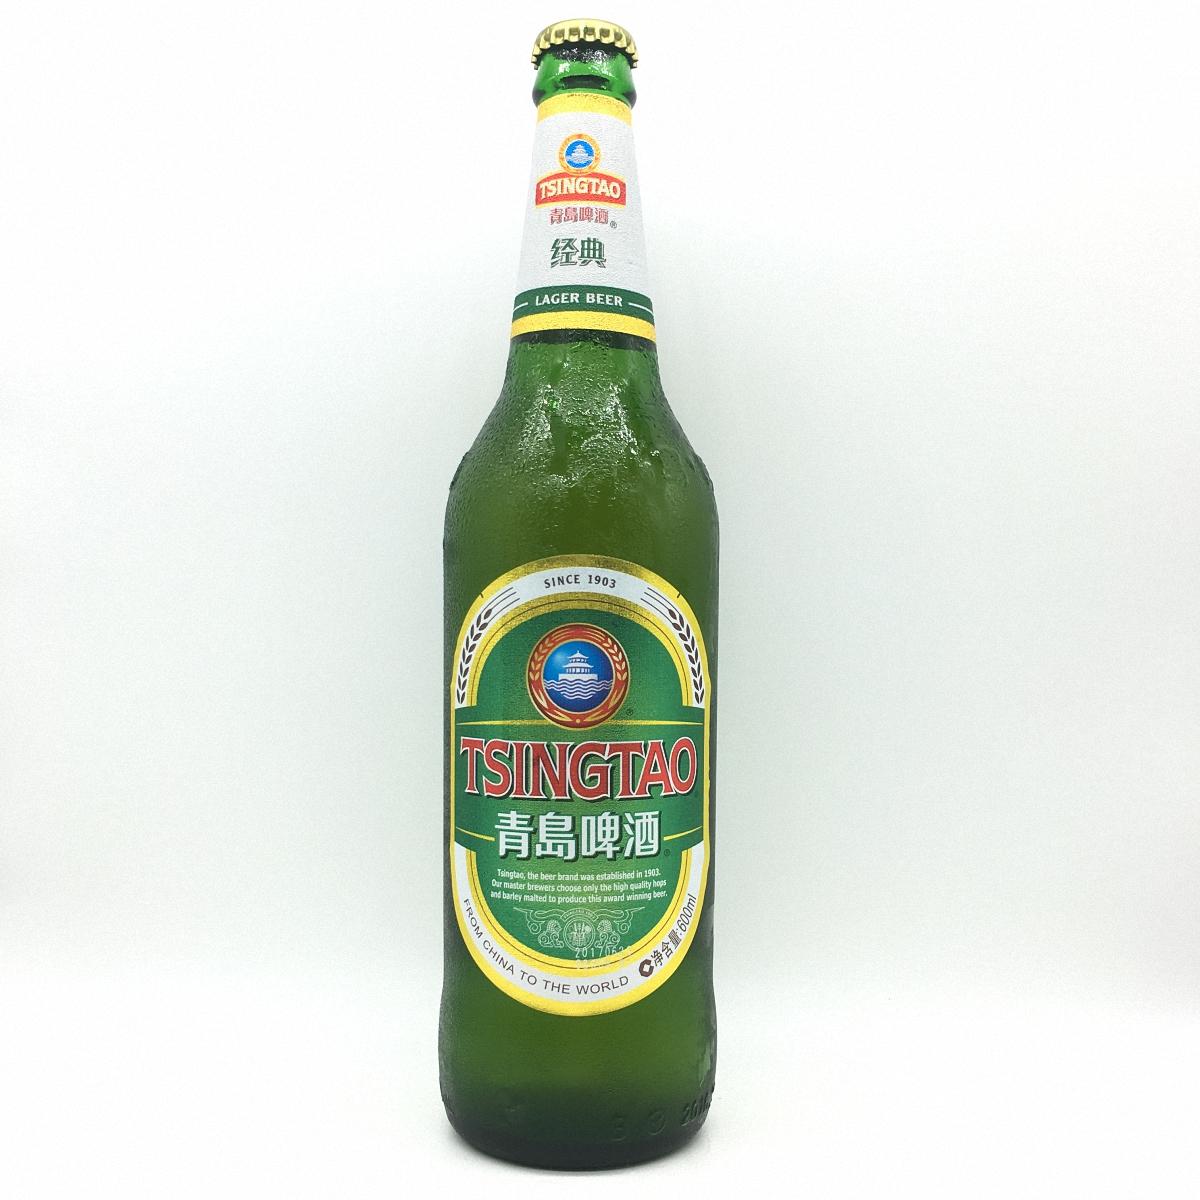 瓶装青岛啤酒600毫升